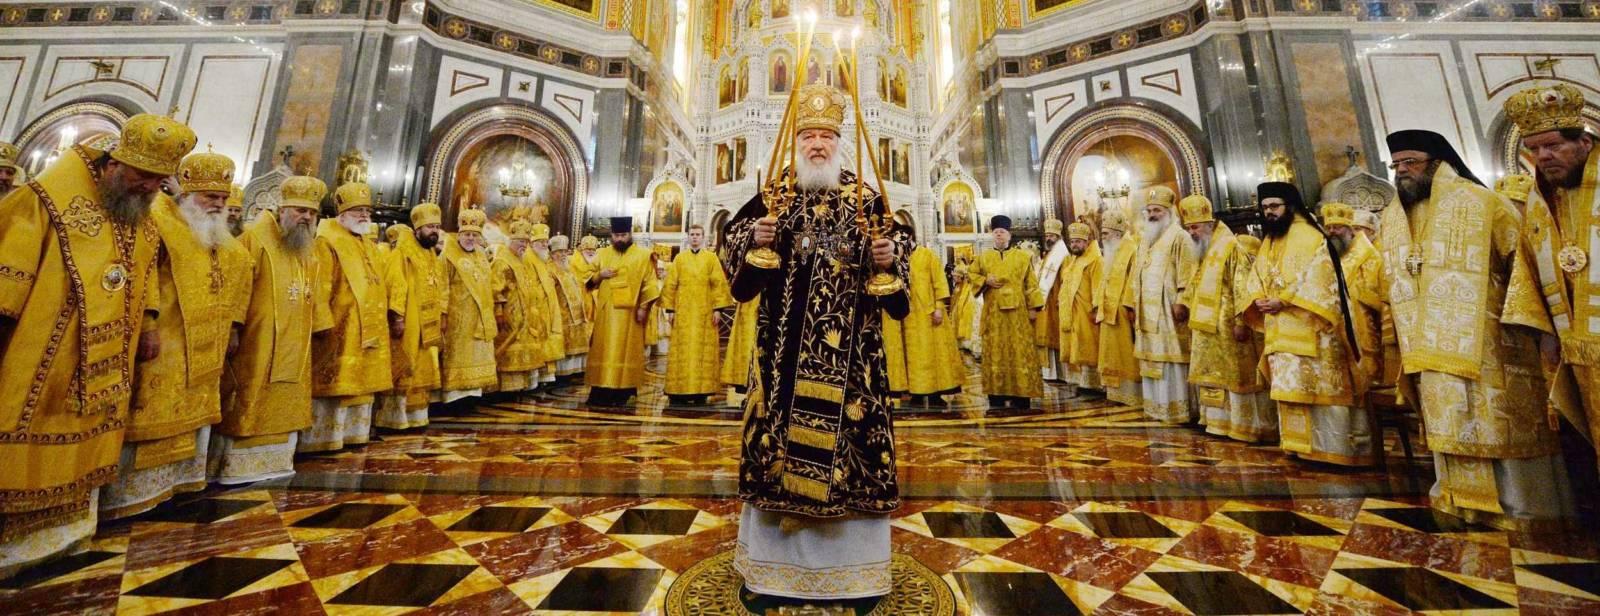 Праздничное богослужение в 10-ю годовщину интронизации Святейшего Патриарха Кирилла.